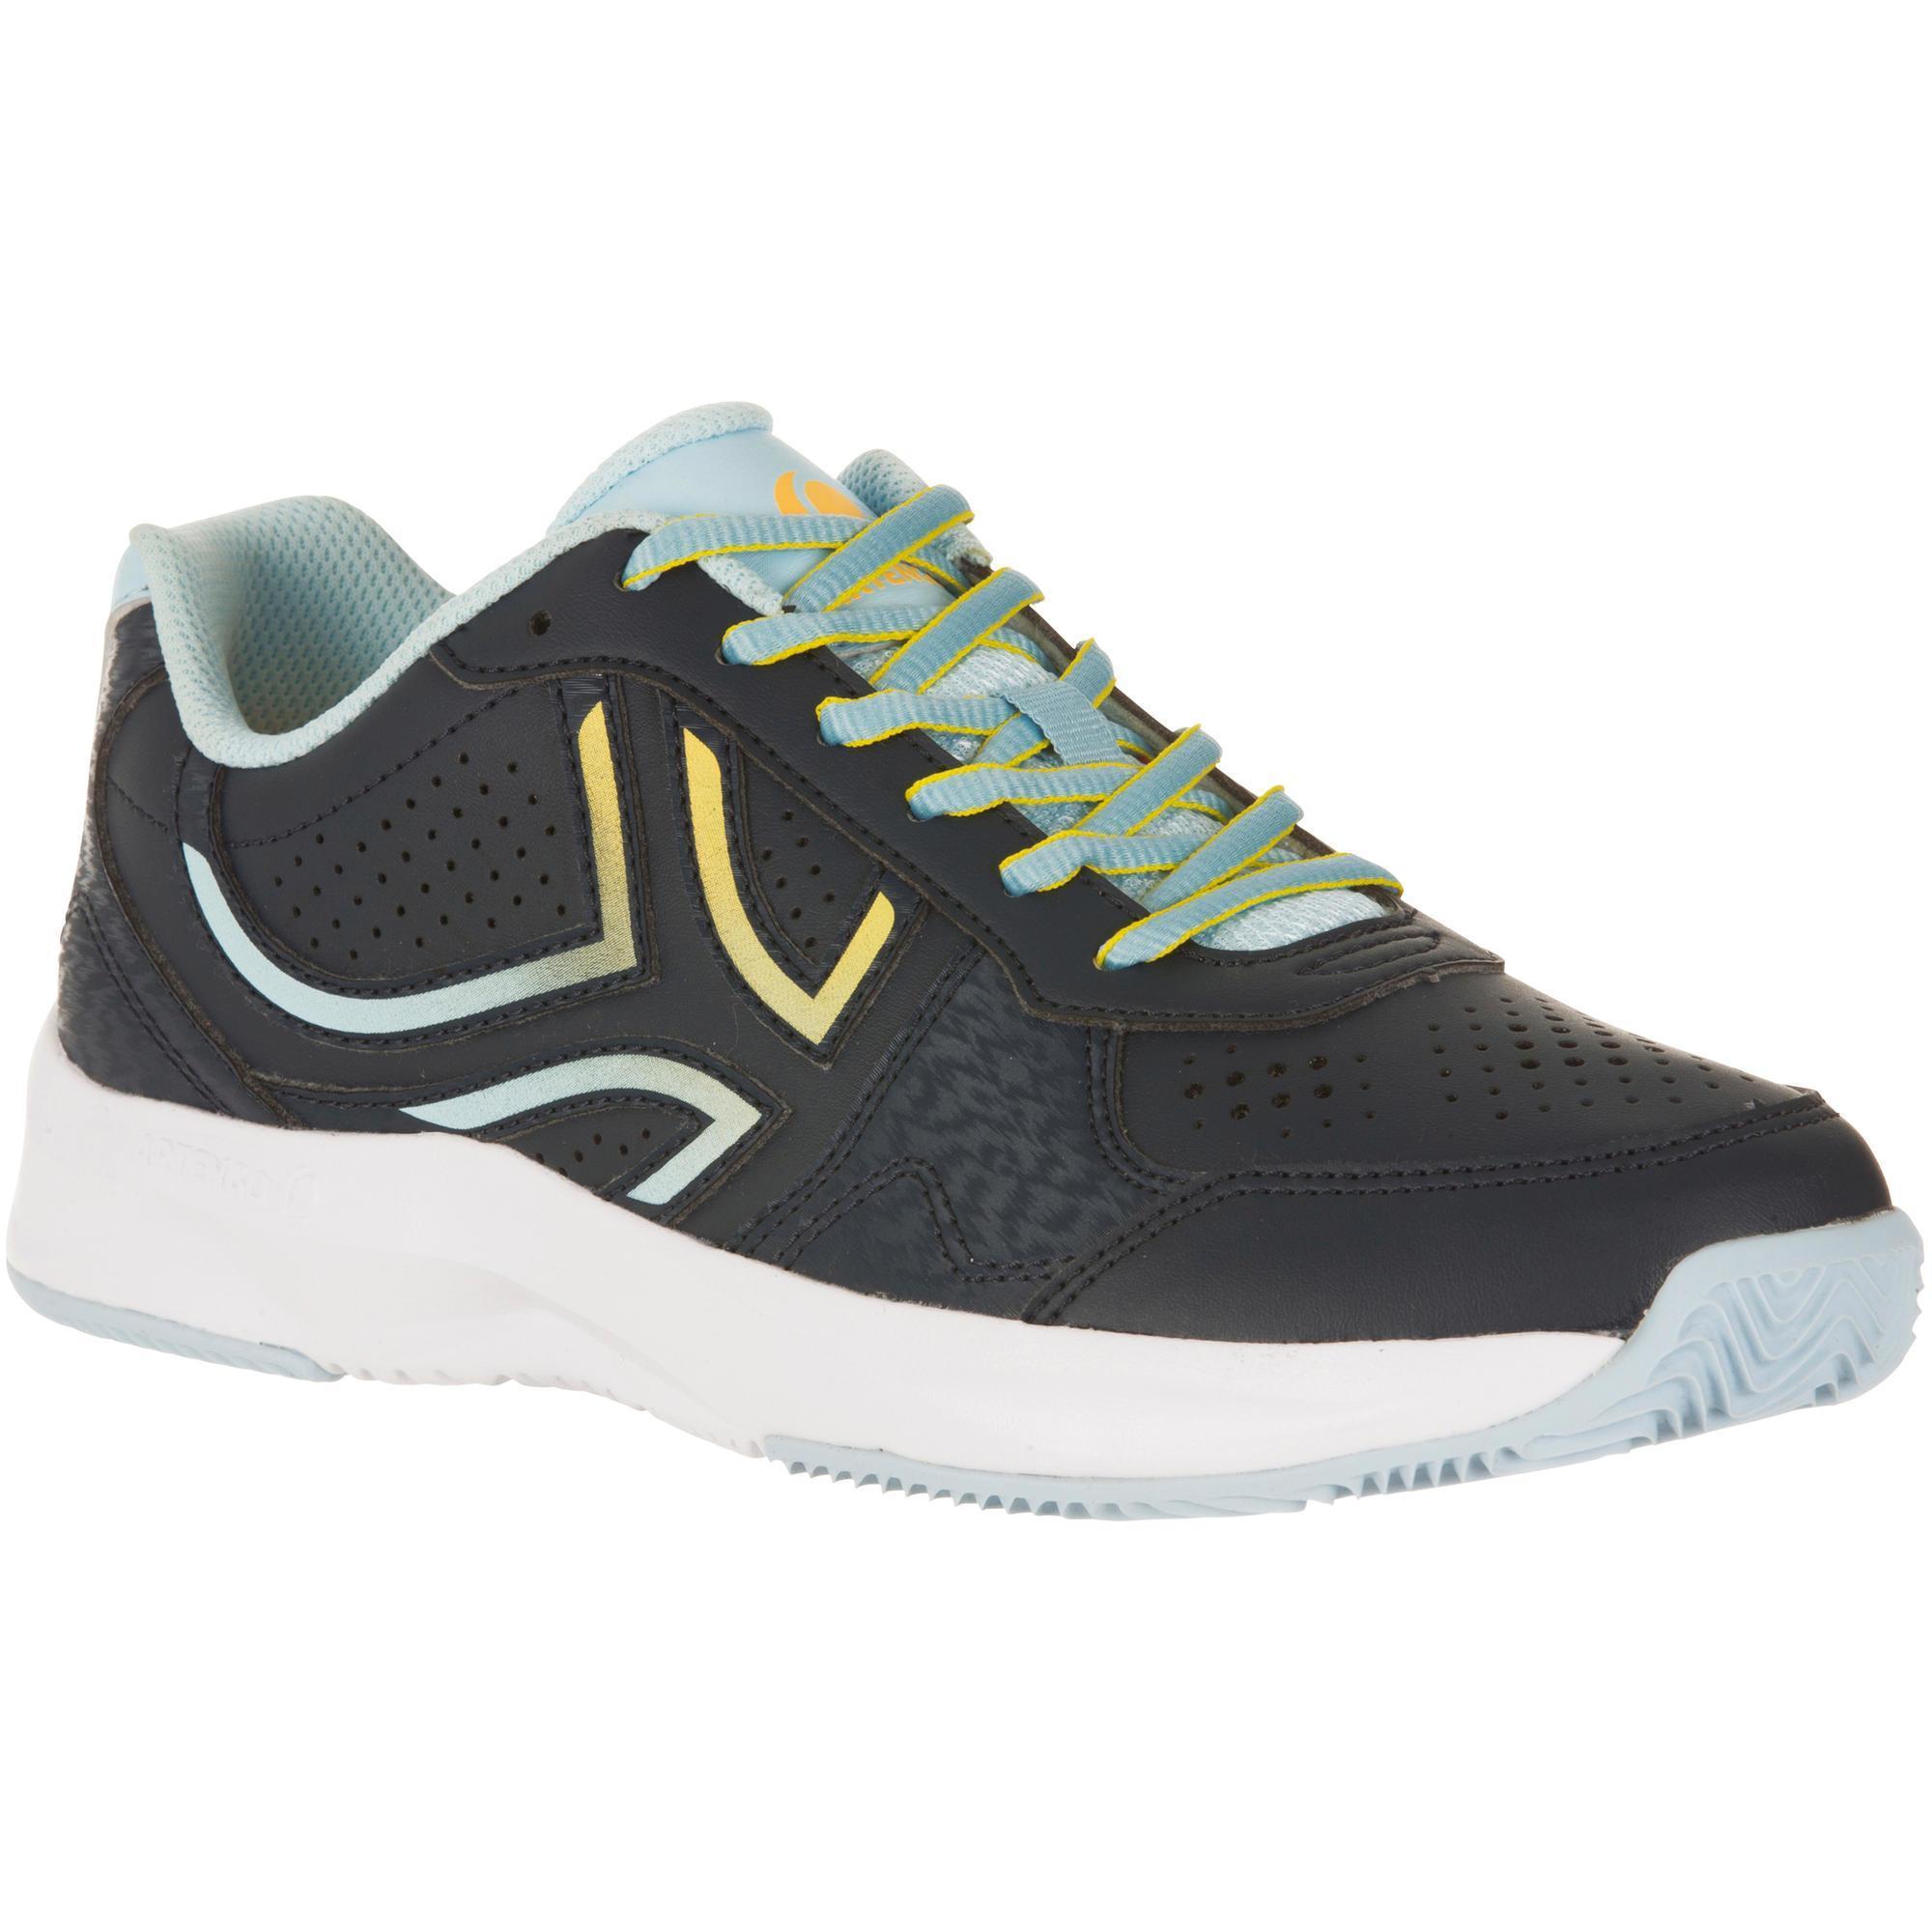 Artengo Tennisschoenen voor dames TS190 gravel blauw/geel